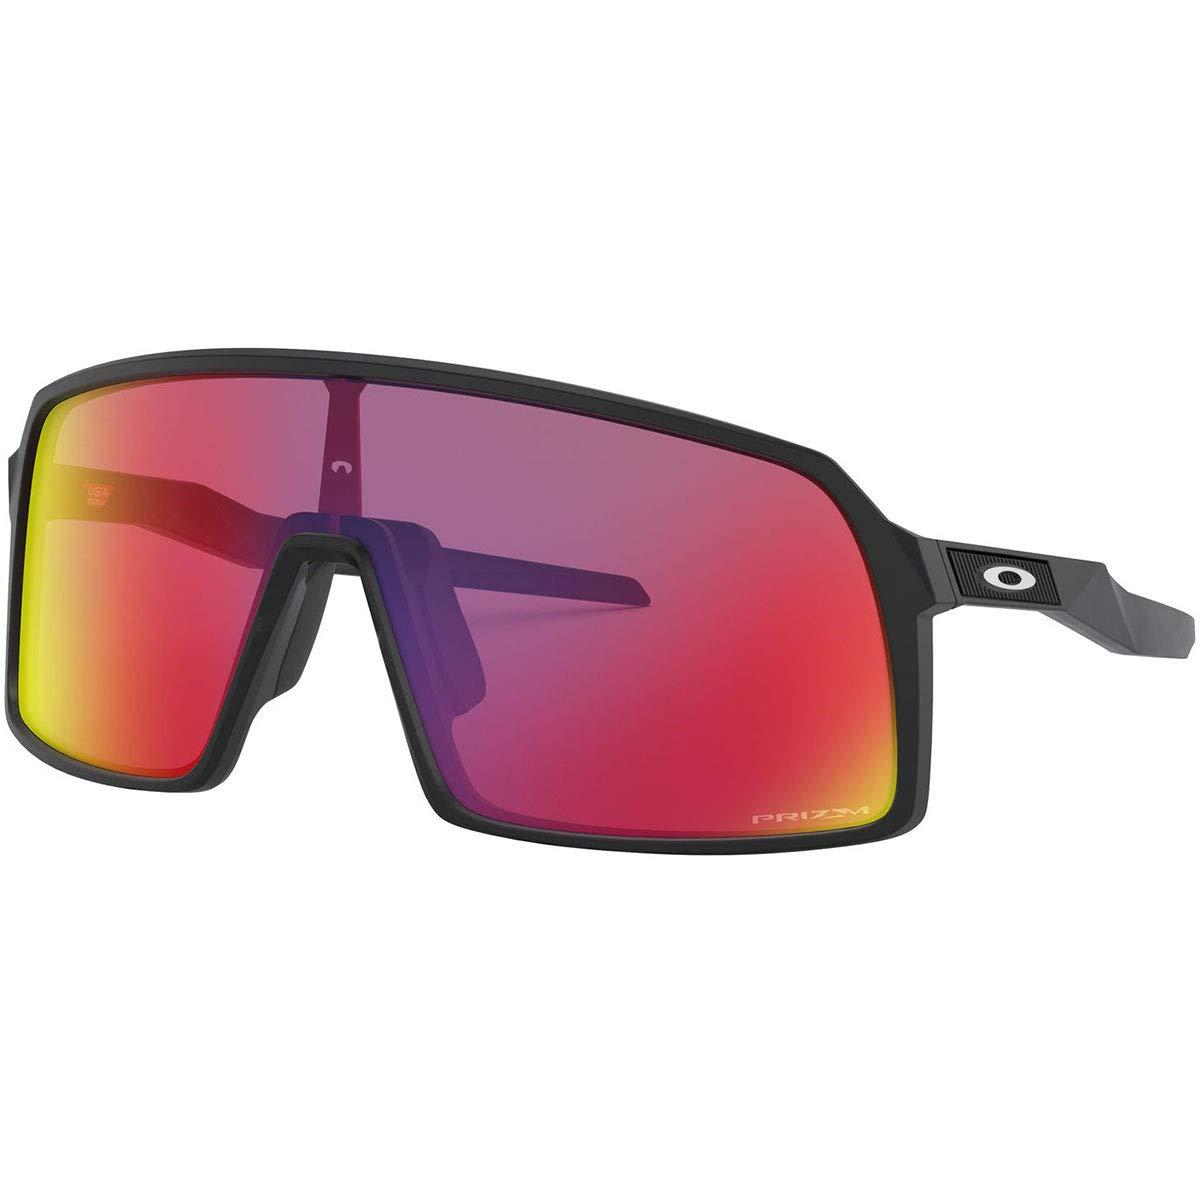 Oakley Men's OO9406 Sutro Shield Sunglasses, Matte Black/Prizm Road, 37 mm by Oakley